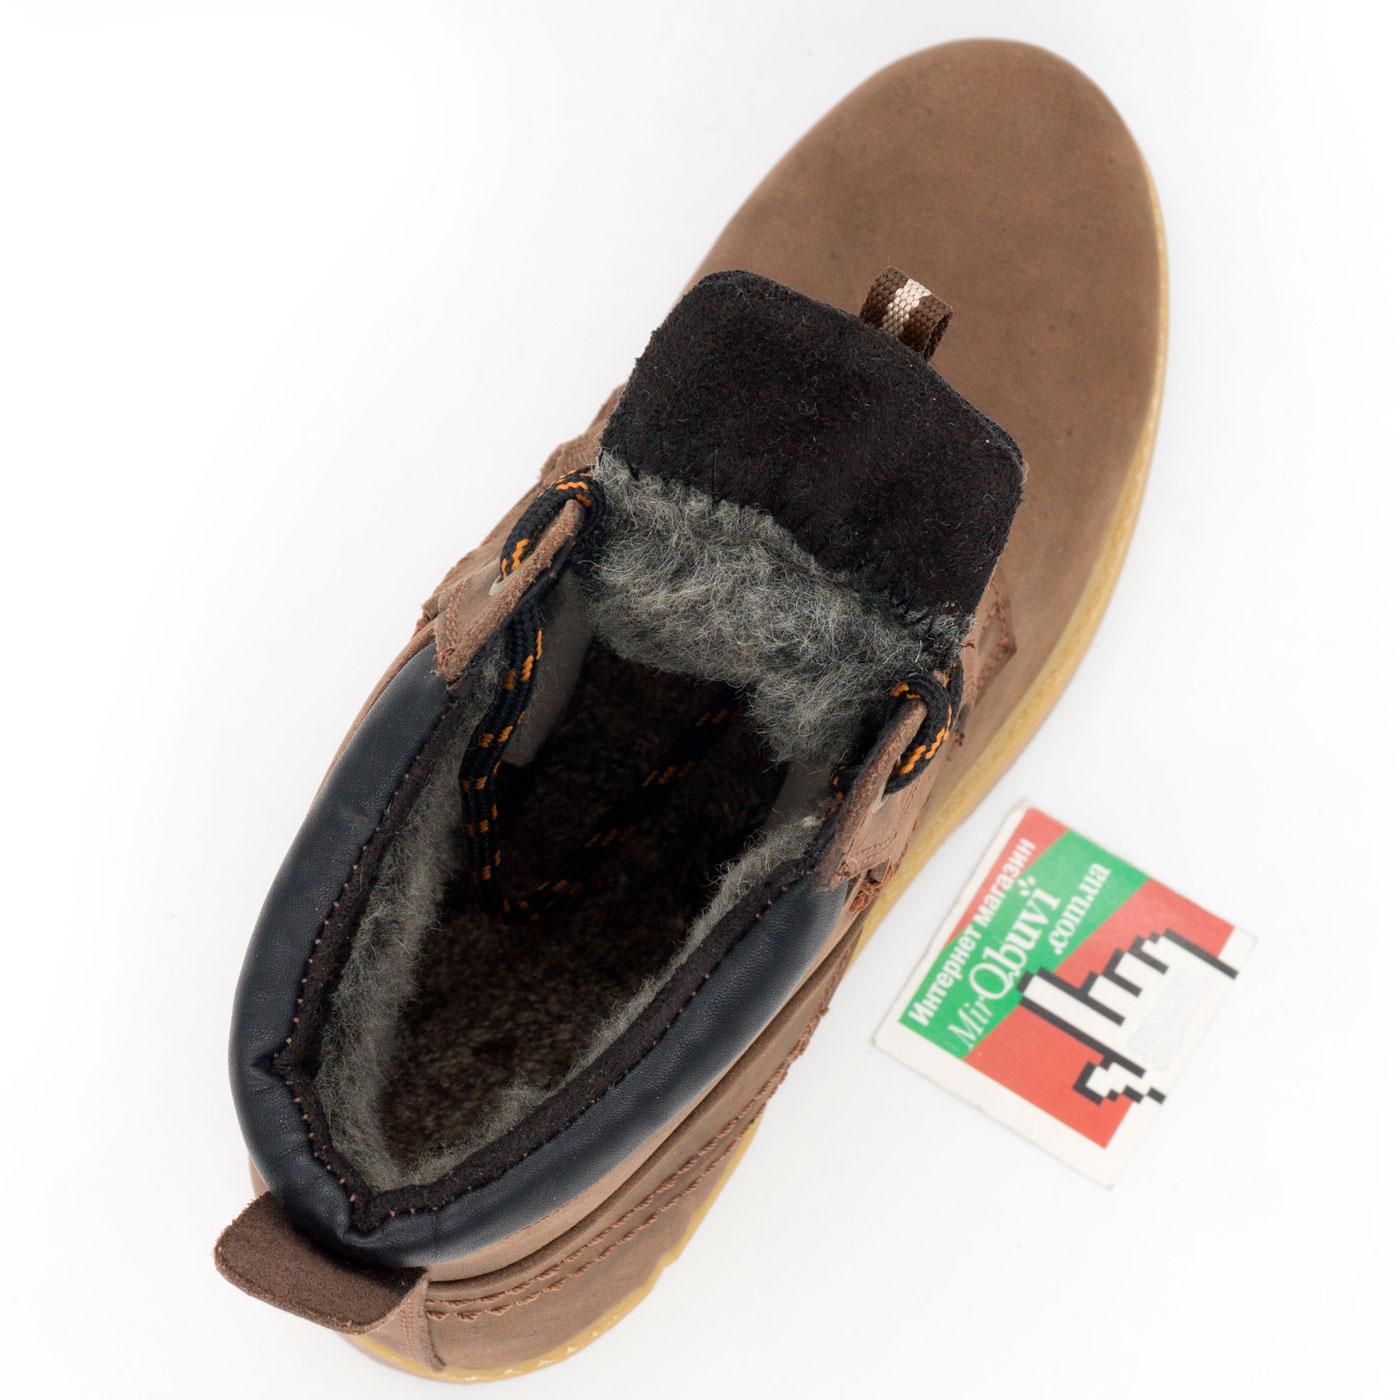 фото bottom Женские ботинки Реплика Timberland коричневые 101 (сделано в Украине) bottom